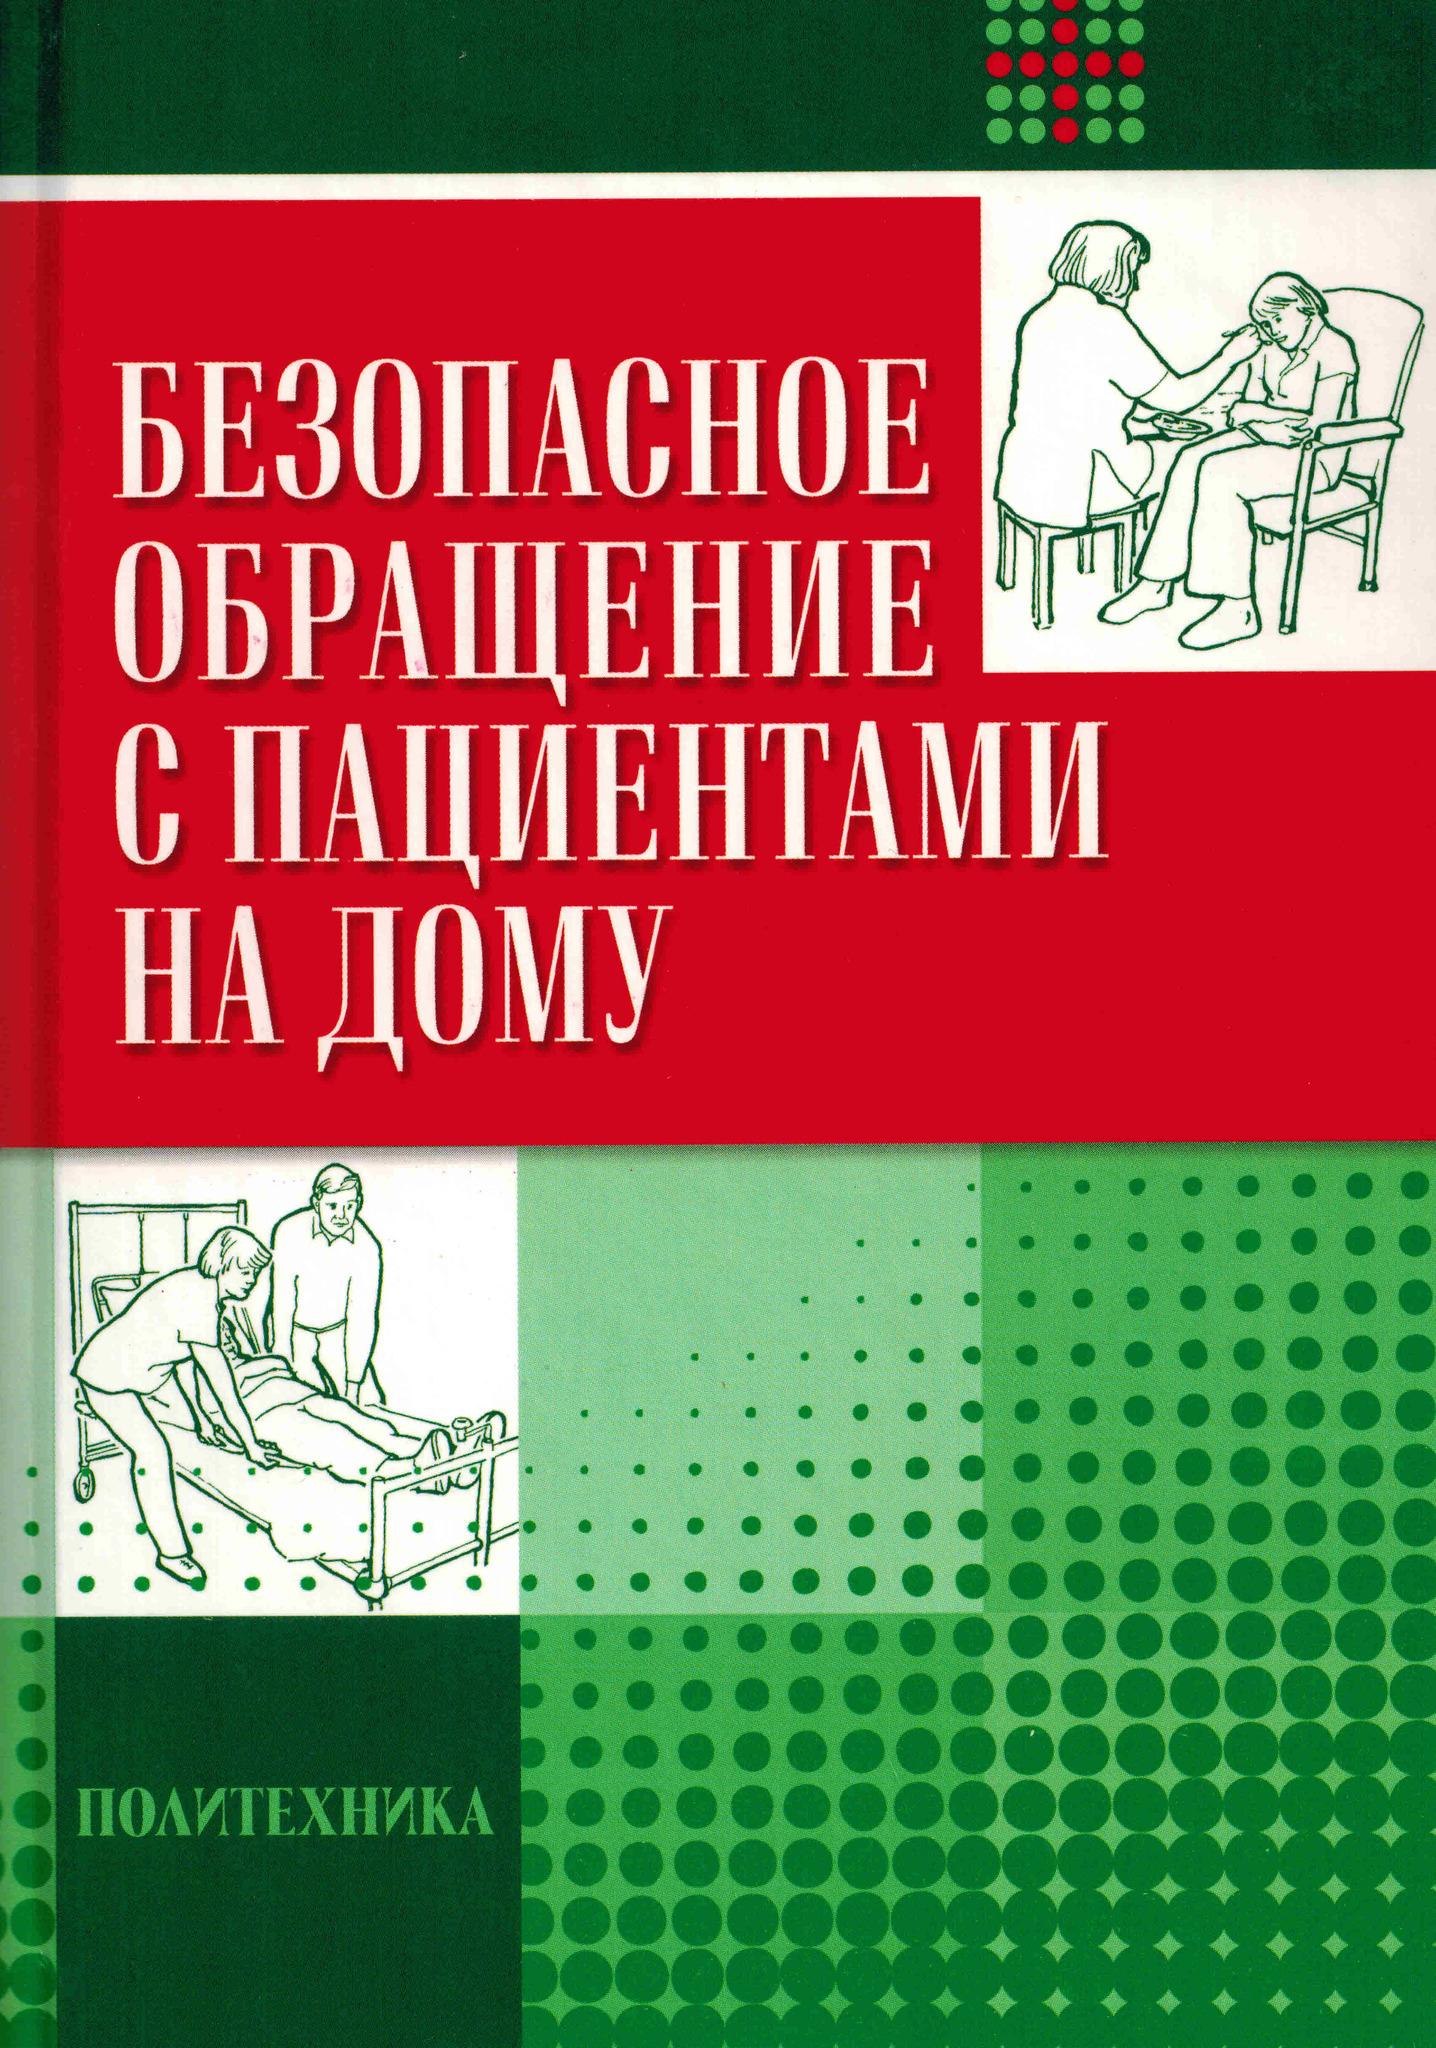 Книги для медицинского персонала Безопасное обращение с пациентами на дому bospnd.jpg